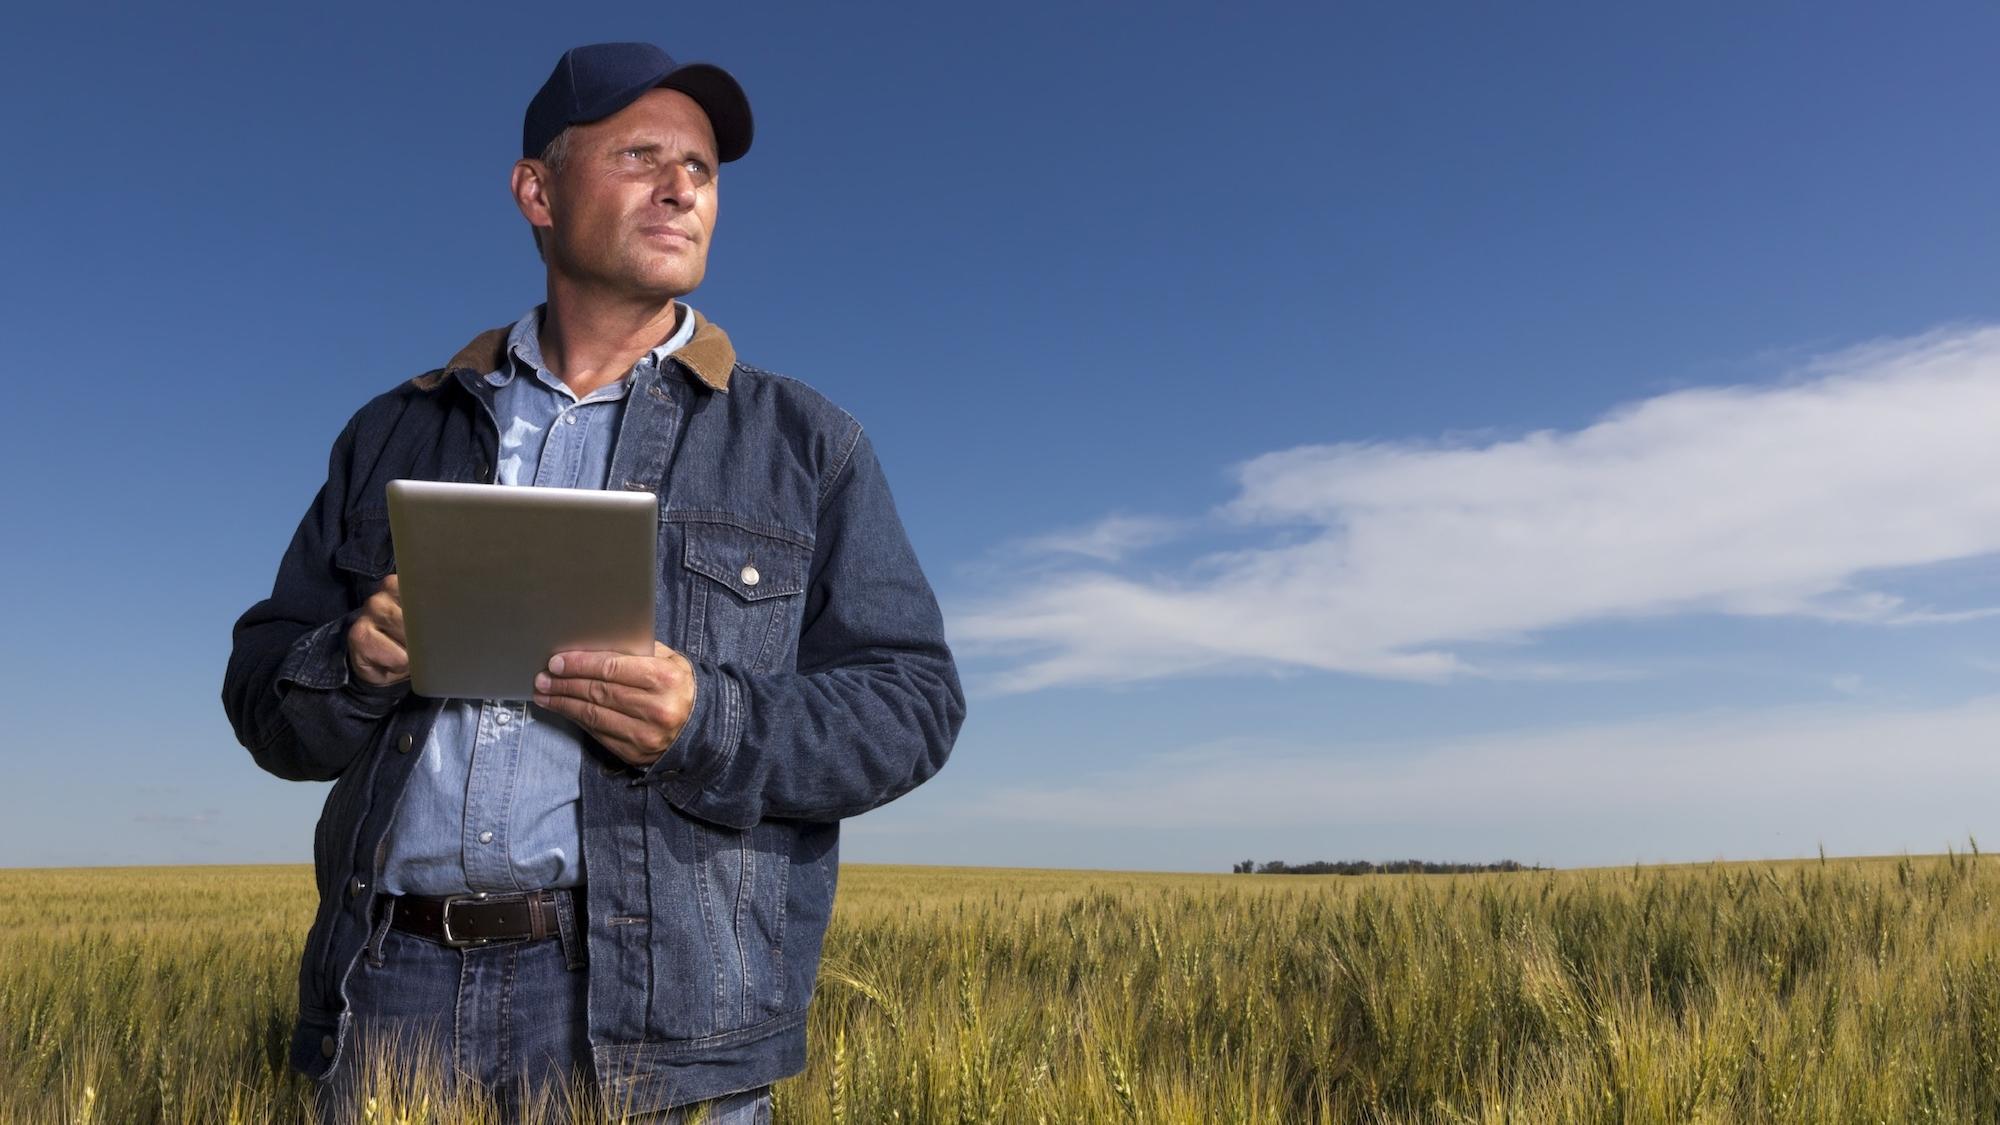 Need Farm Insurance?